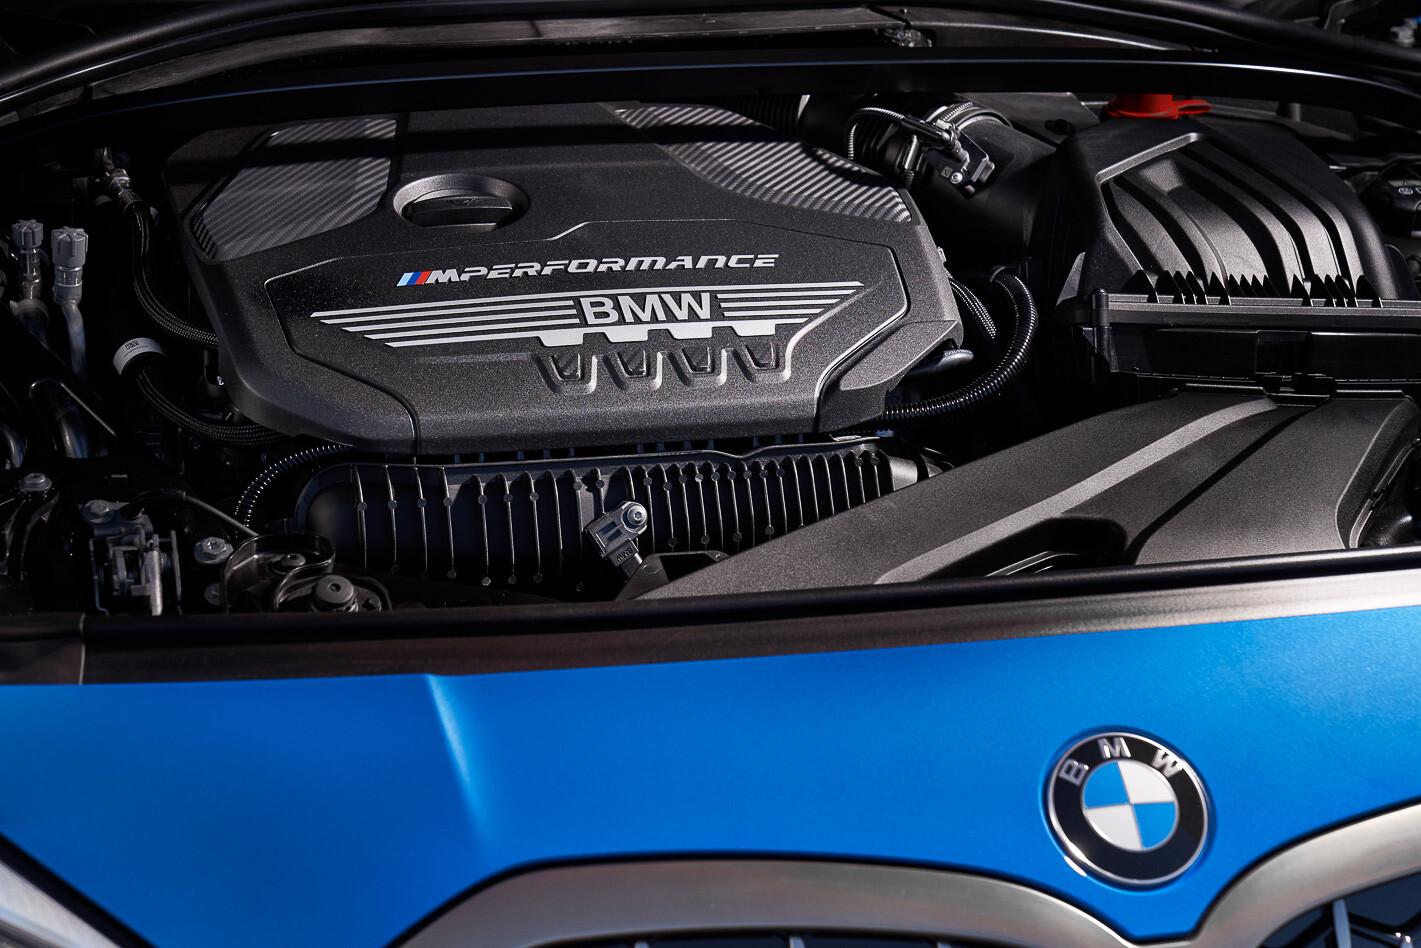 2019 BMW M135i xDrive engine